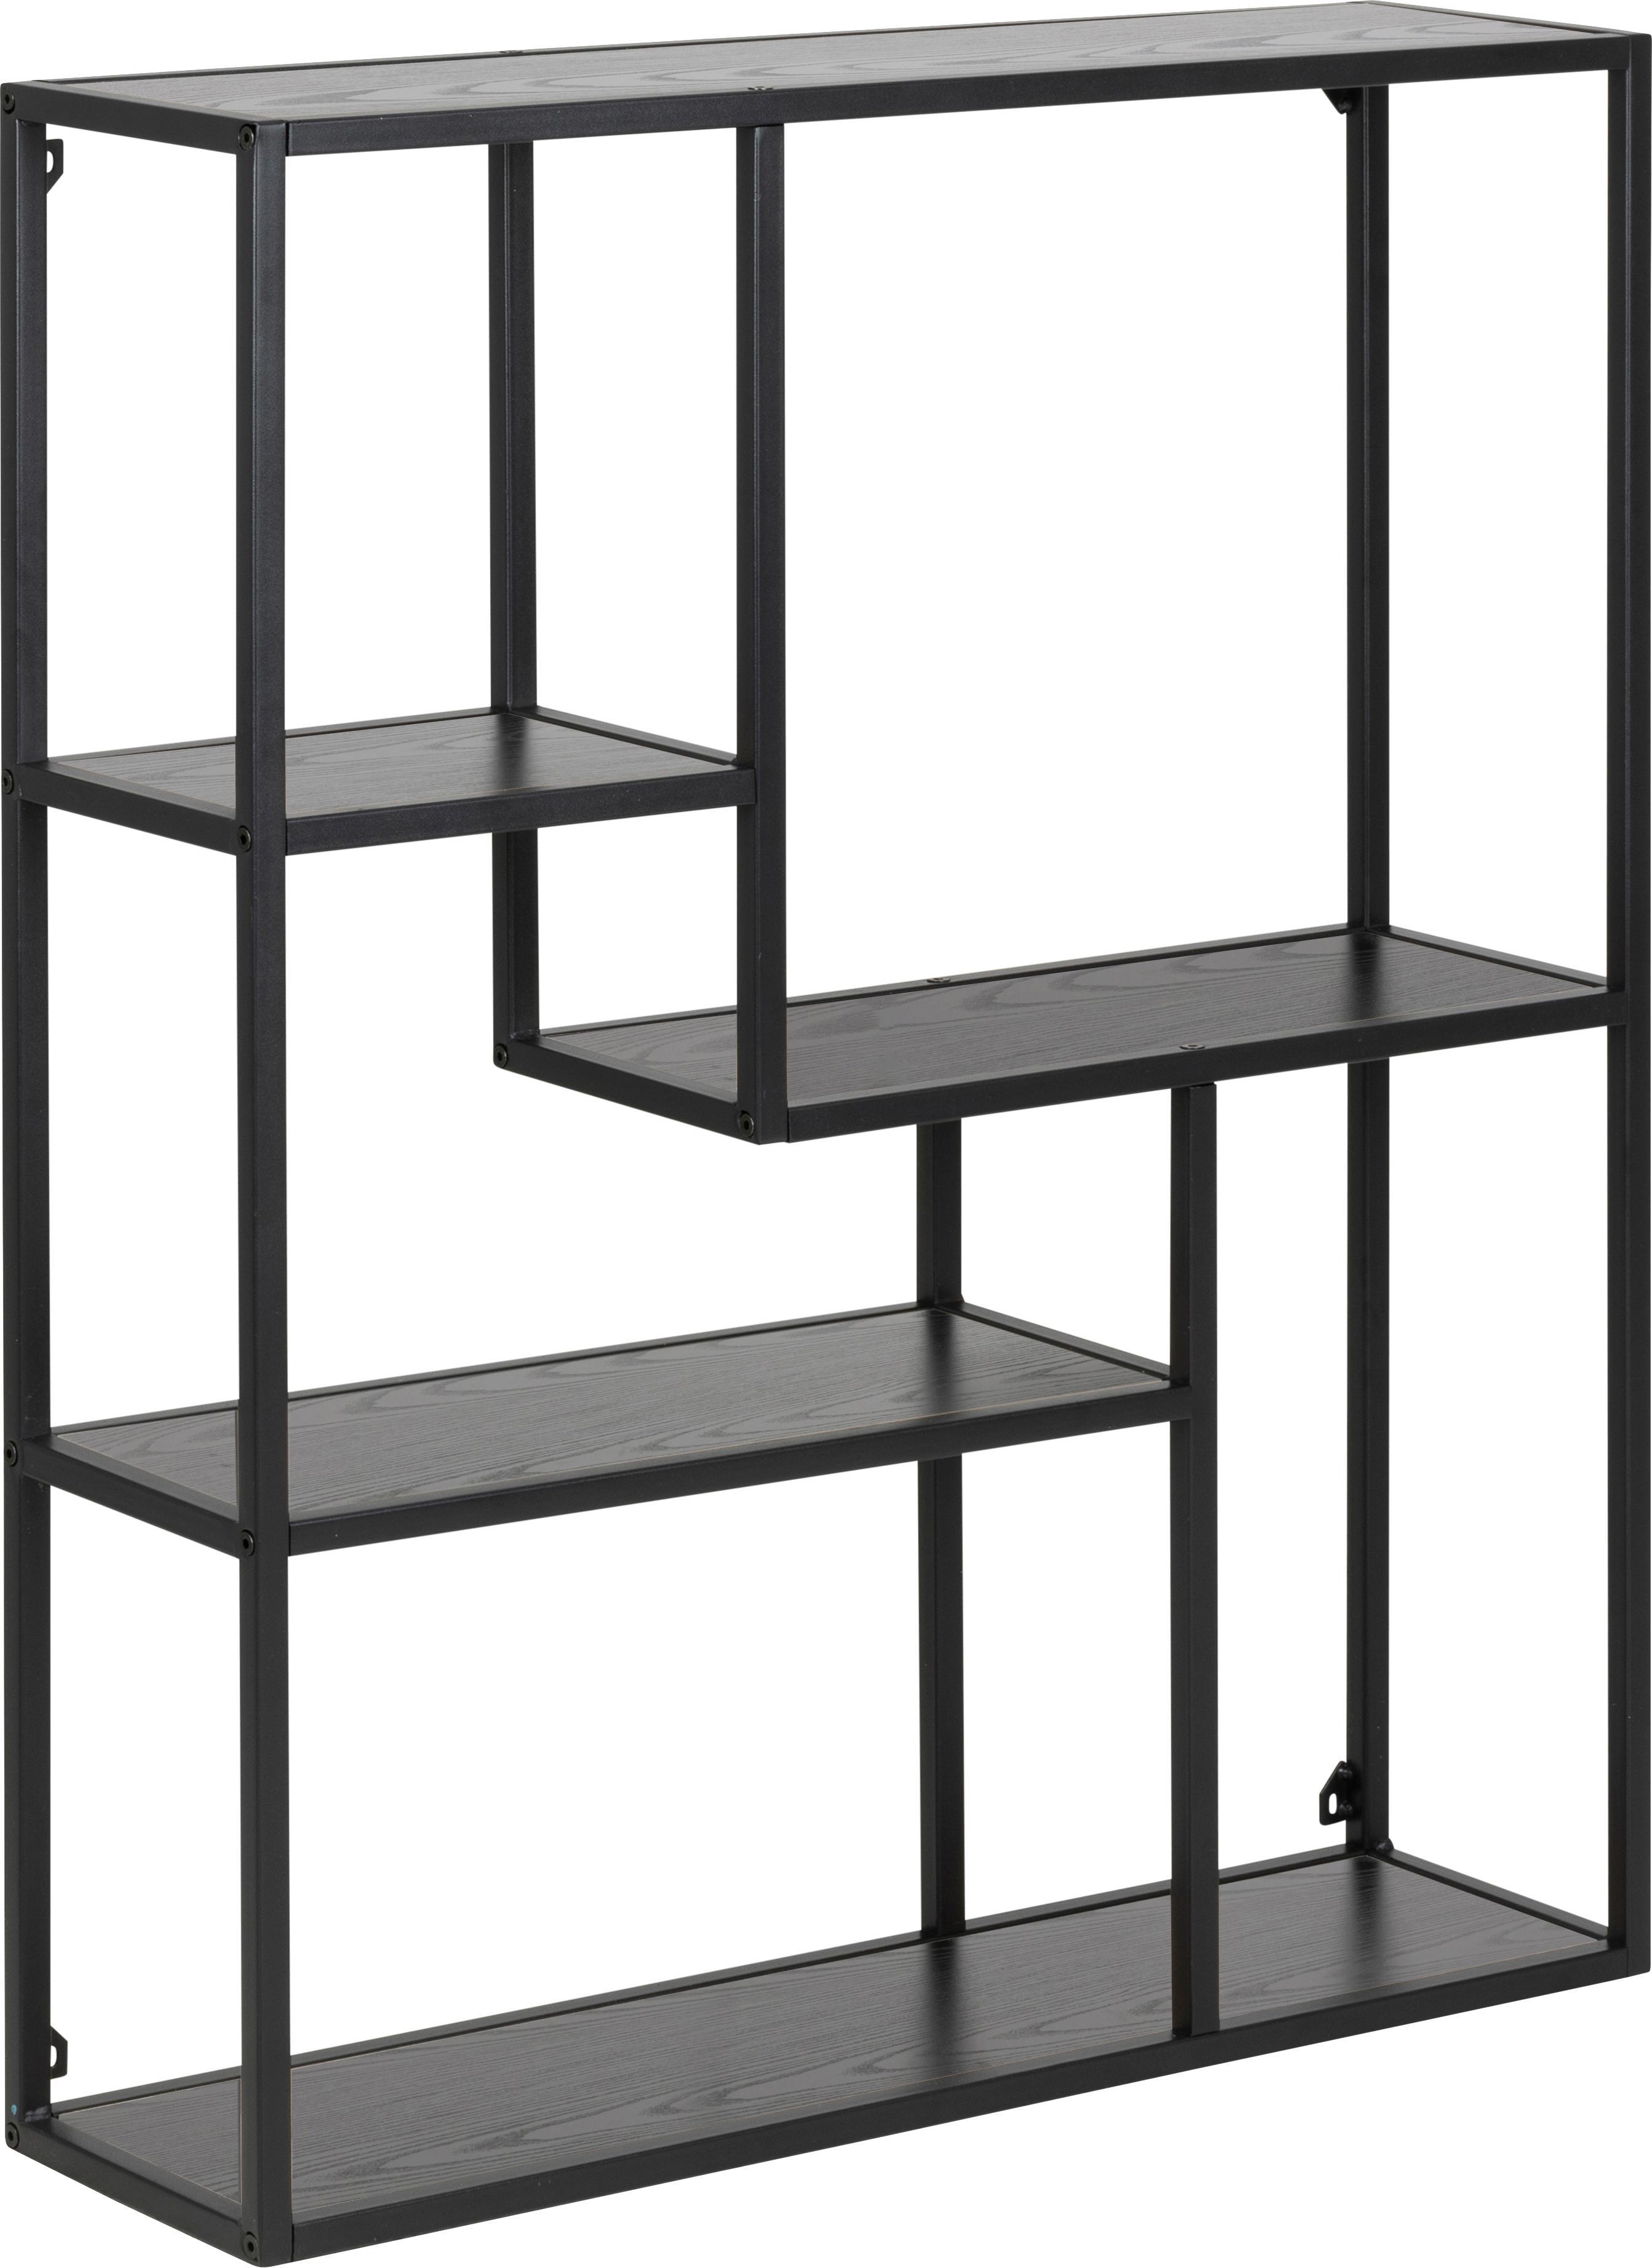 Estantería de pared Seaford Zig, Estantes: tablero de fibras de dens, Estructura: metal con pintura en polv, Negro, An 75 x Al 91 cm